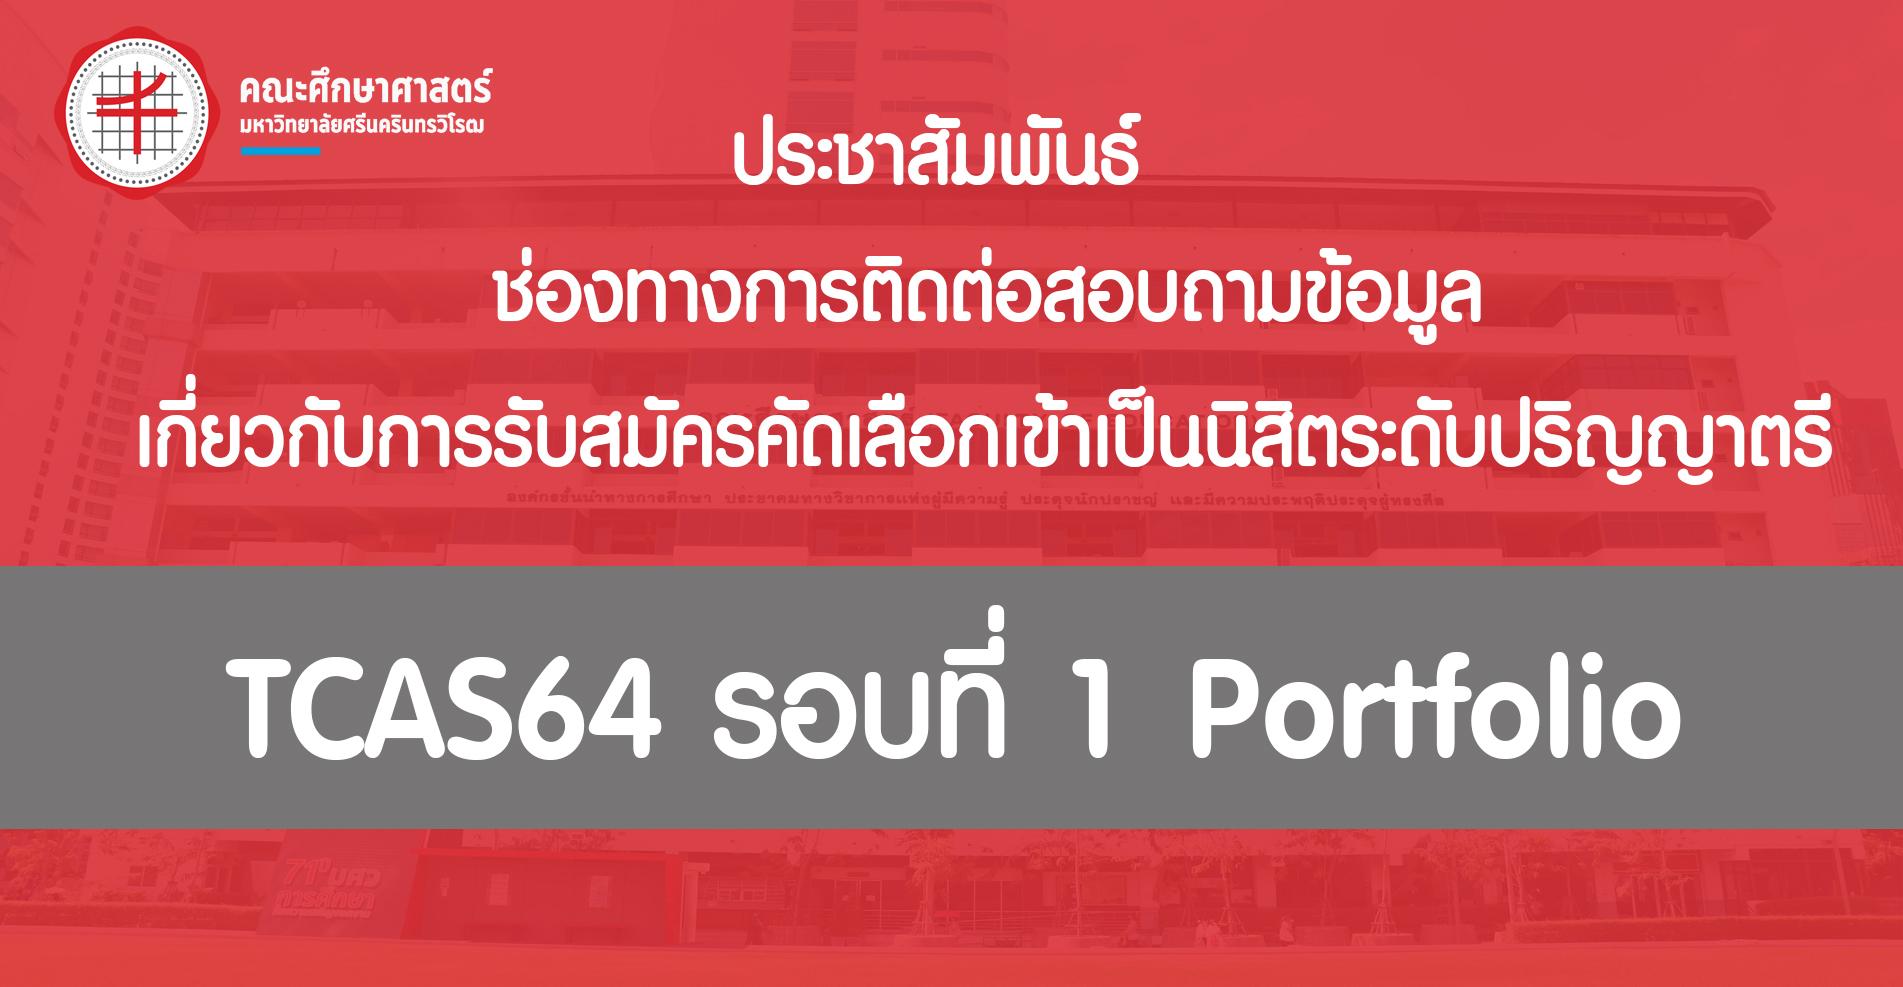 Tcas64_1